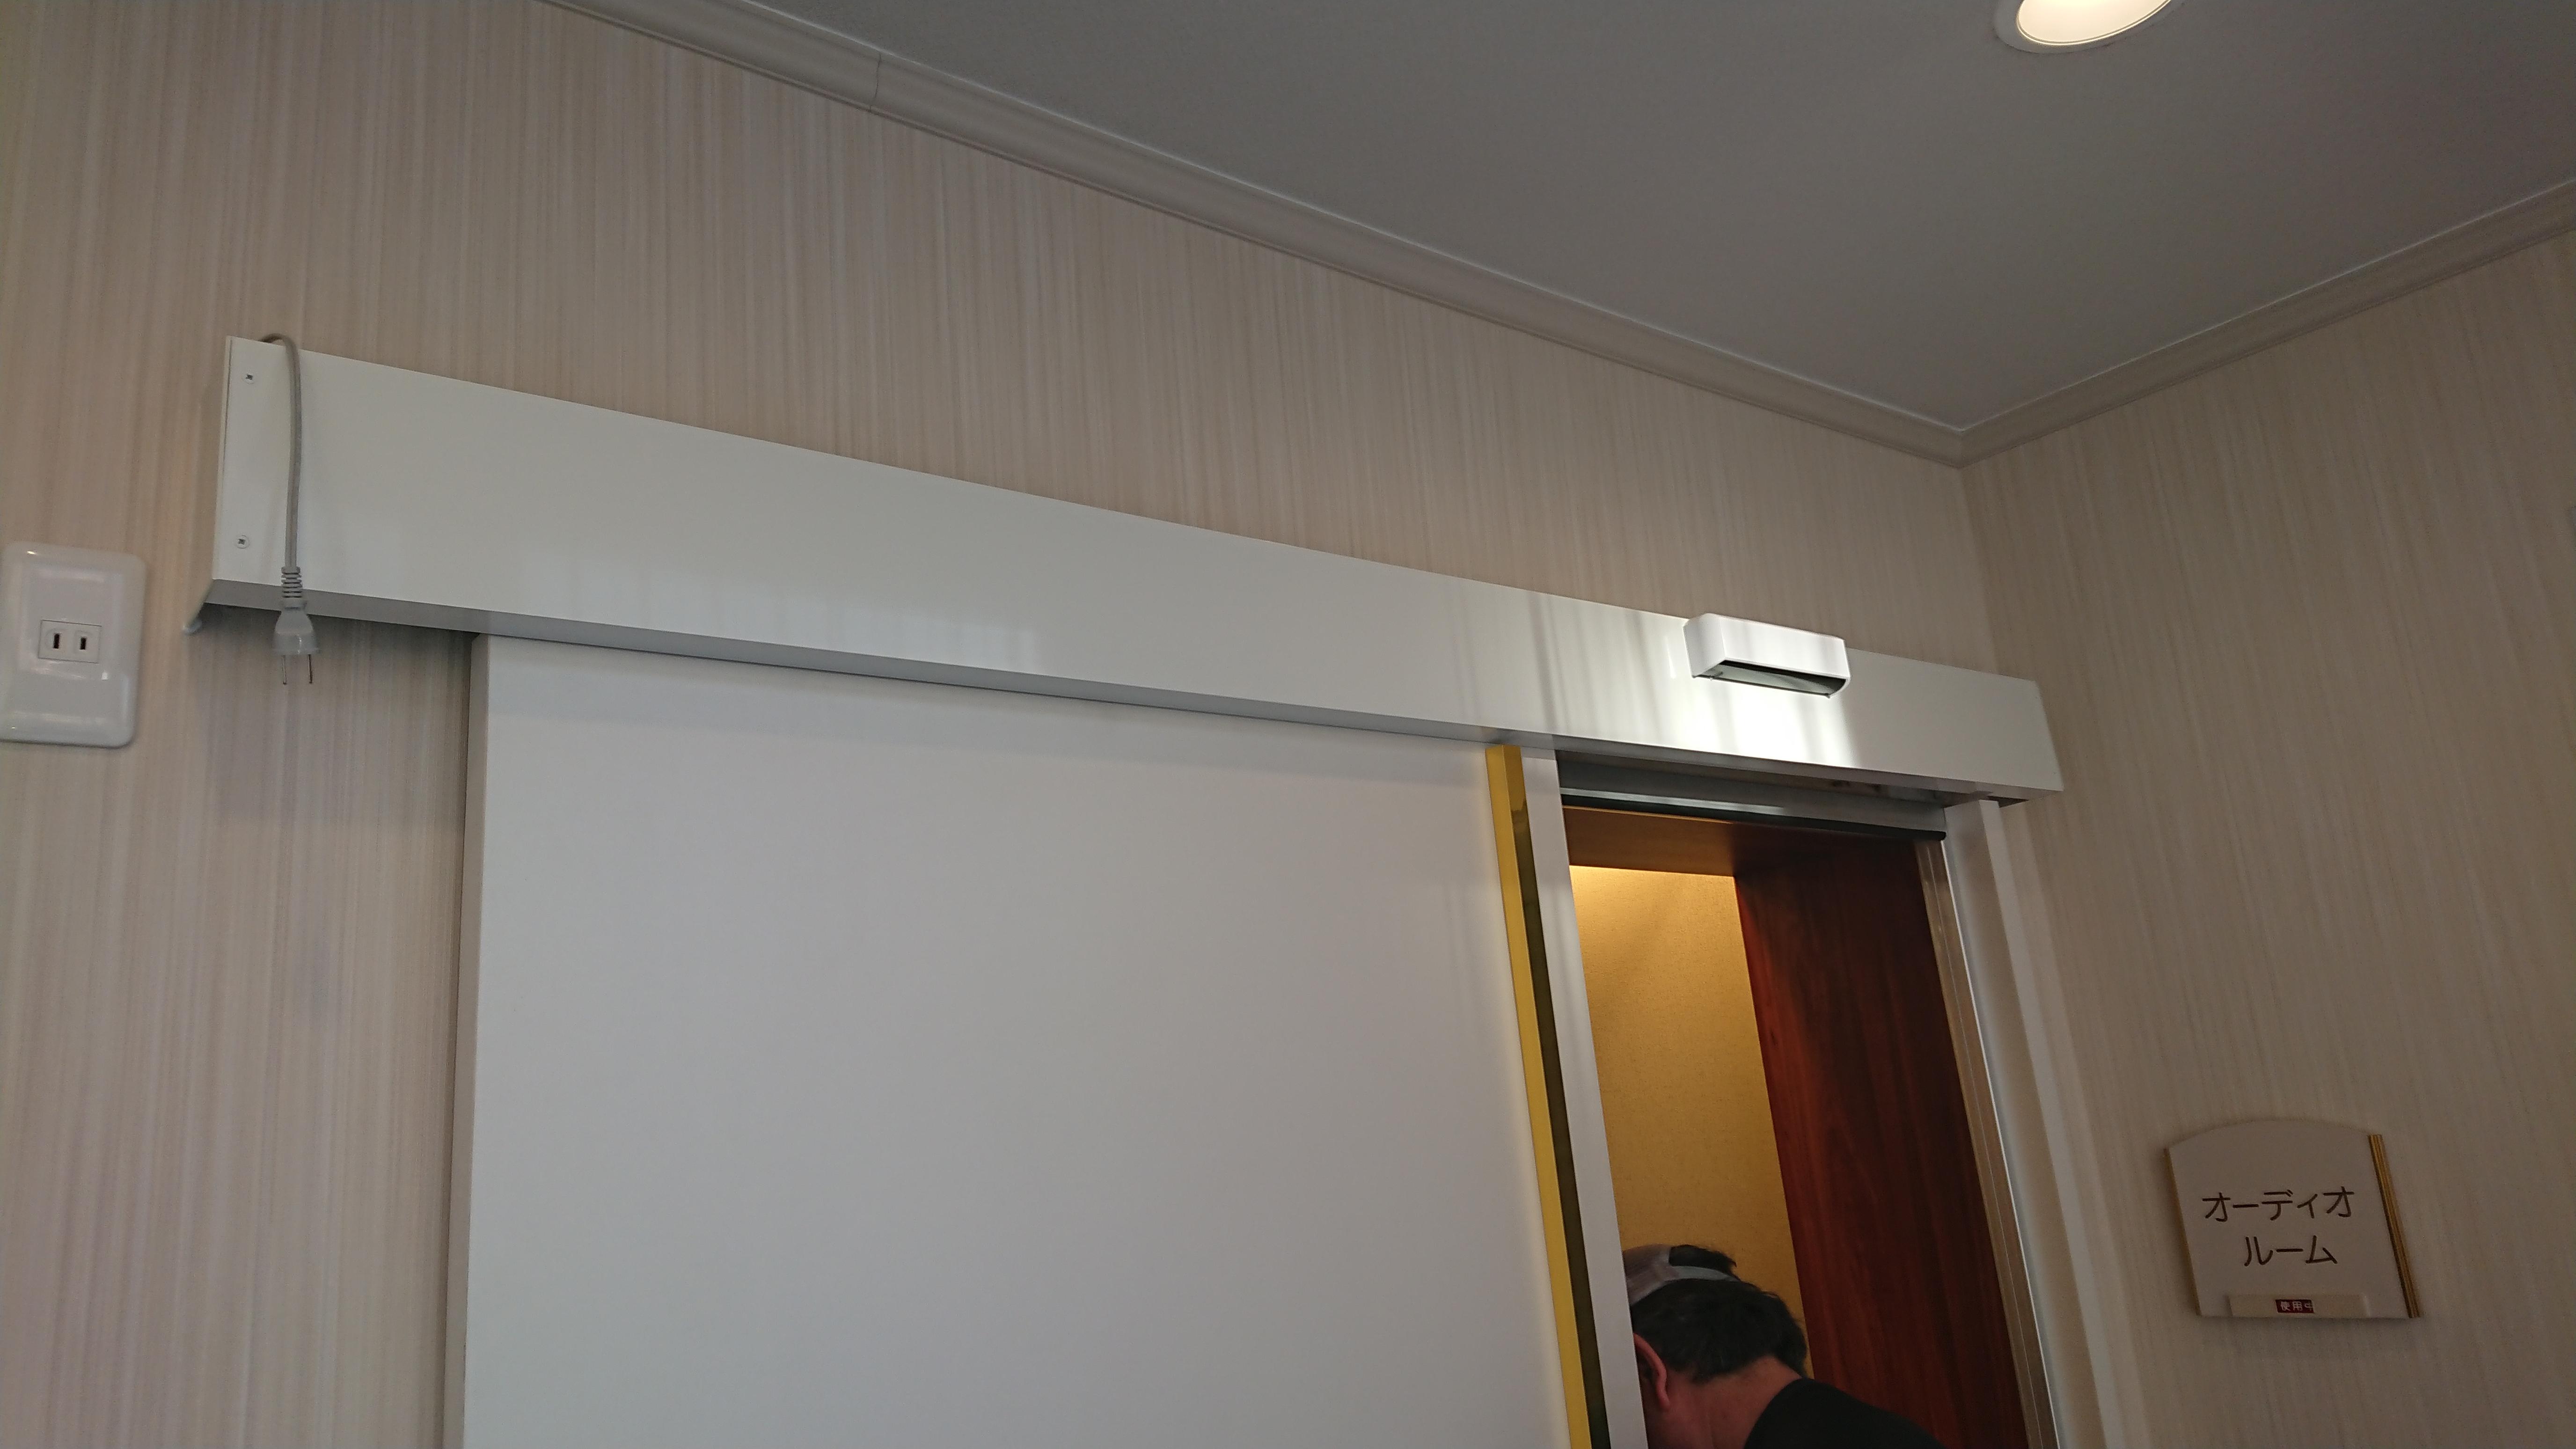 大型ドアを自動ドアに後付け改修